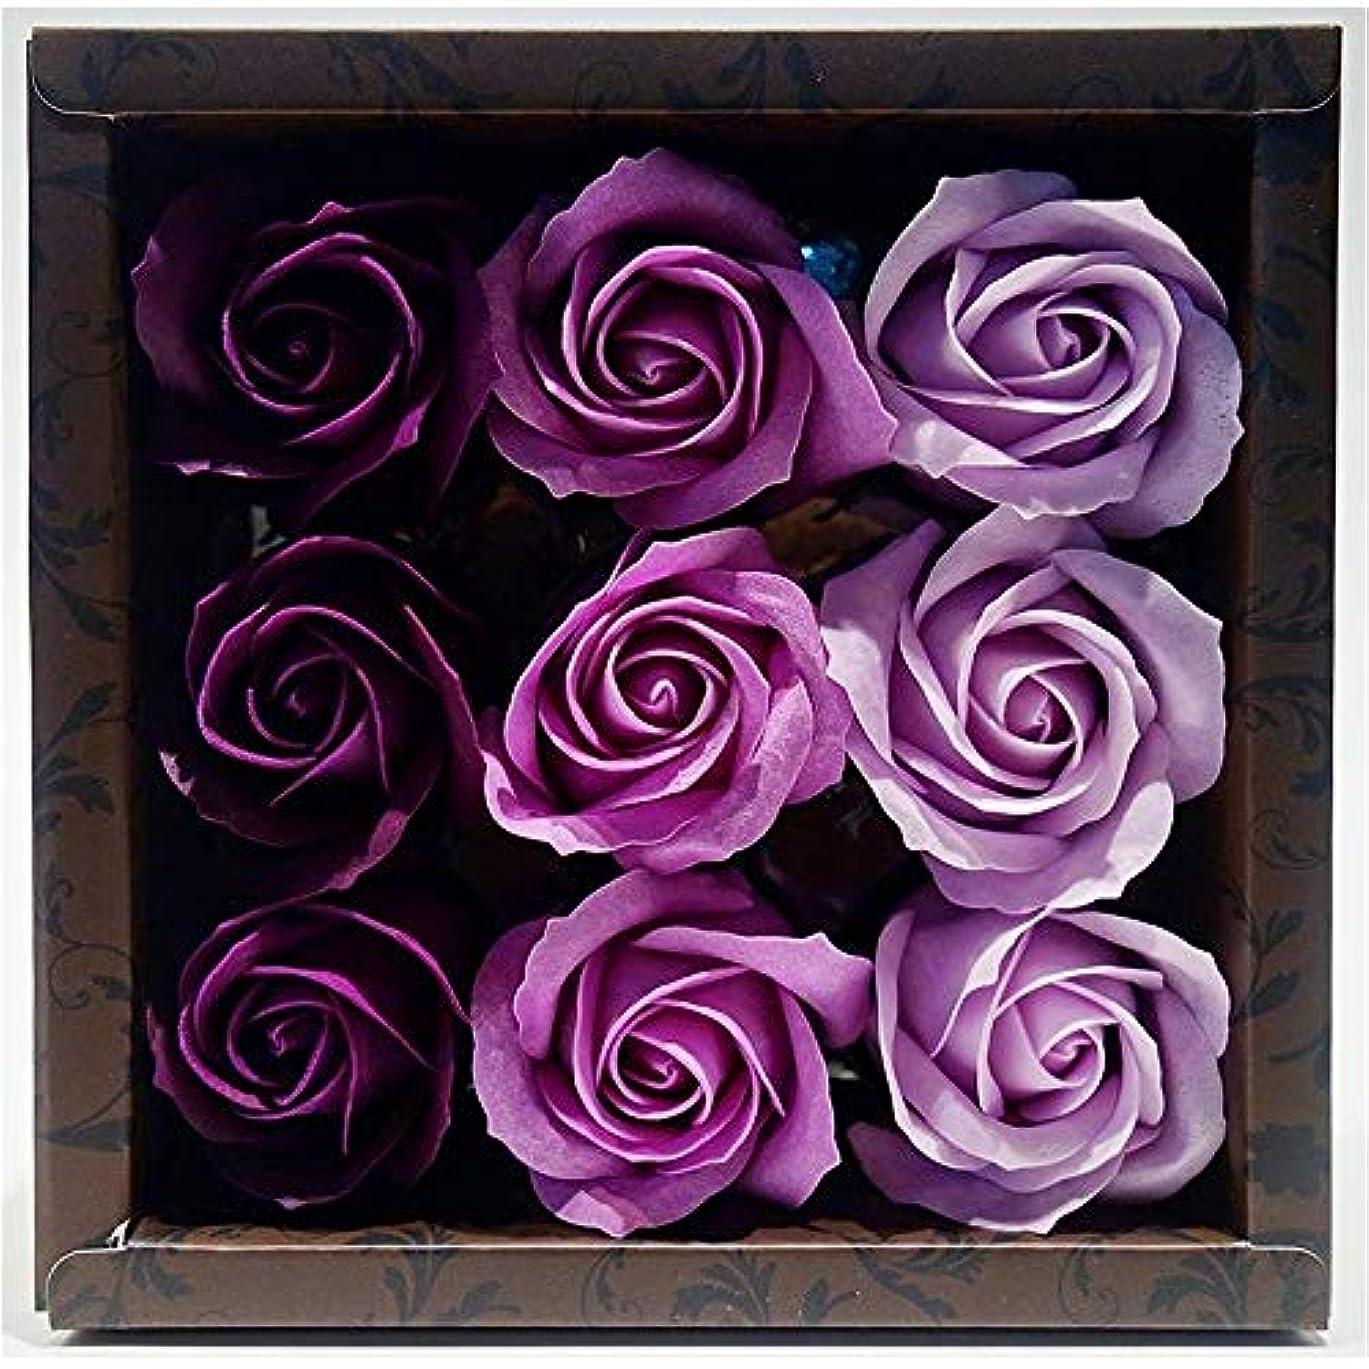 ミュートスローガン現実的花のカタチの入浴料 ローズ バスフレグランス フラワーフレグランス バスフラワー (パープル)